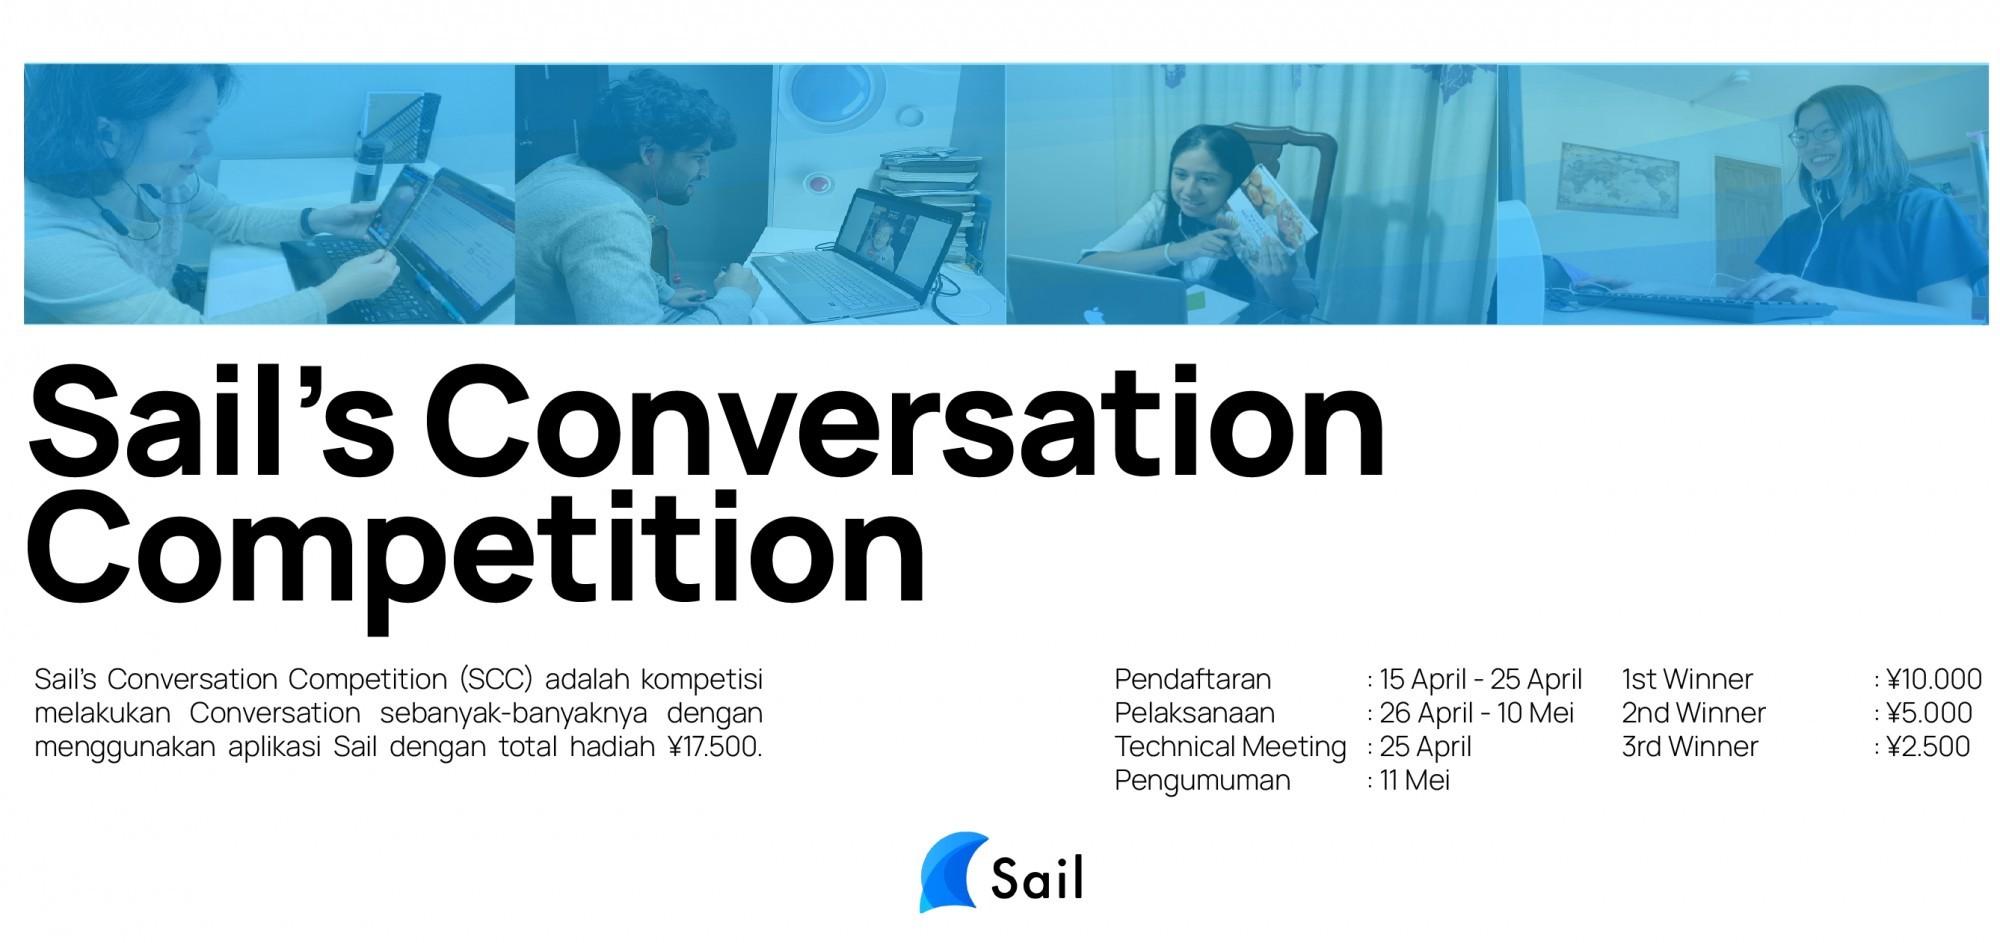 Sail Conversation Competition